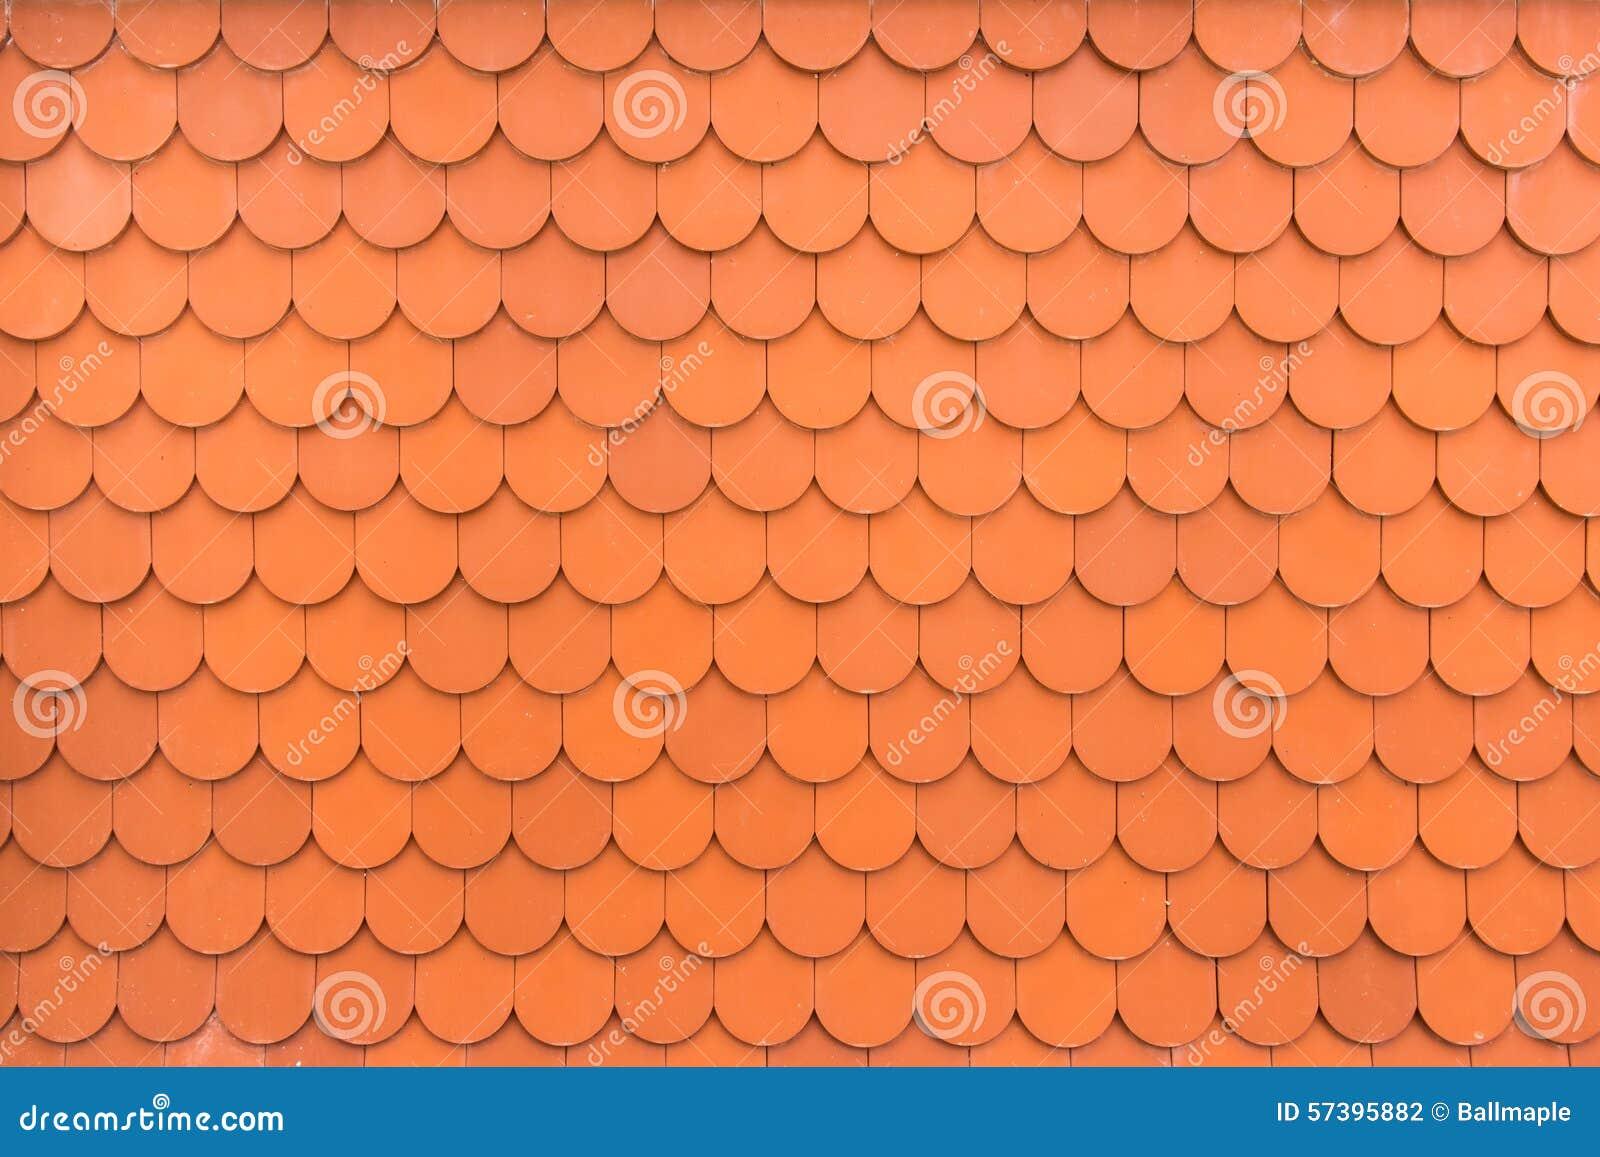 Patroon van oranje daktegels